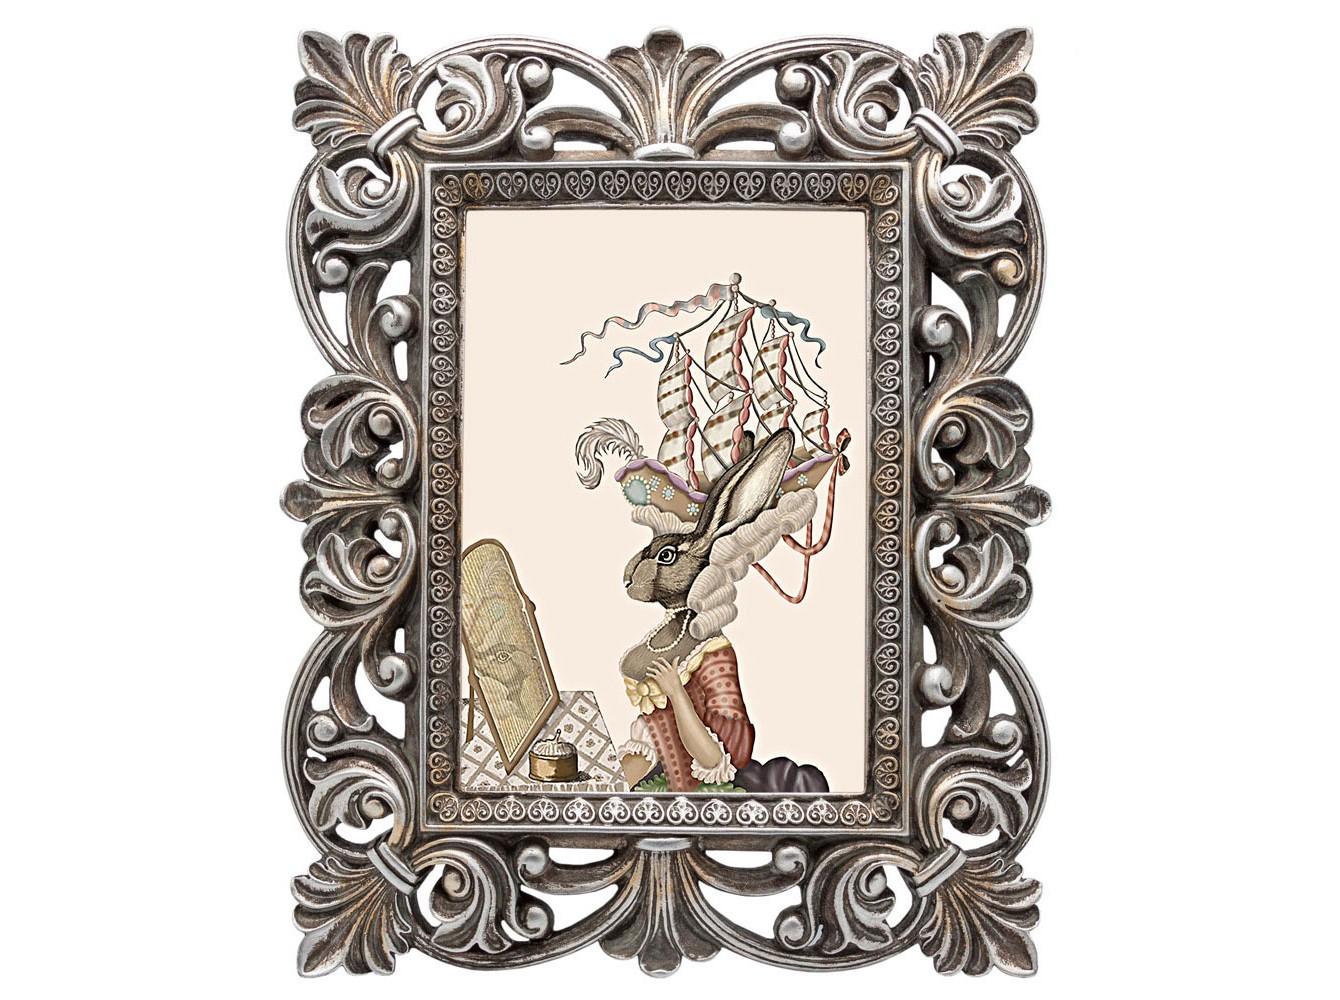 Репродукция Мария АнтуанеттаКартины<br>&amp;lt;div&amp;gt;Пышный винтажный узор рамы - словно ожившие воспоминания из прошлых столетий. Элементы старины навевают искренность и обаяние. Создайте в своем доме живую обстановку, где интерьер станет главным персонажем, а фееричные репродукции расскажут занятные истории о людях, вещах и целых эпохах.Задумав обновить интерьер, достаточно лишь легким движением заменить изображение внутри рамы. Рама, снабженная настенным креплением и настольной подставкой, готова украсить любой уголок Вашего дома. Просторные скобы обеспечивают удобное и прочное крепление к стене. Благодаря двухсторонним скобам, можно использовать и вертикальные, и горизонтальные изображения. Защитное стекло оберегает изображение от влаги и ультрафиолетовых лучей.&amp;lt;/div&amp;gt;&amp;lt;div&amp;gt;&amp;lt;br&amp;gt;&amp;lt;/div&amp;gt;&amp;lt;div&amp;gt;Материал: рама полистоун, защитное стекло, профессиональная печать на дизайнерской бумаге.&amp;lt;/div&amp;gt;&amp;lt;div&amp;gt;&amp;lt;br&amp;gt;&amp;lt;/div&amp;gt;<br><br>&amp;lt;iframe width=&amp;quot;530&amp;quot; height=&amp;quot;360&amp;quot; src=&amp;quot;https://www.youtube.com/embed/3vitXSFtUrE&amp;quot; frameborder=&amp;quot;0&amp;quot; allowfullscreen=&amp;quot;&amp;quot;&amp;gt;&amp;lt;/iframe&amp;gt;<br><br>Material: Полистоун<br>Width см: 22<br>Depth см: 3<br>Height см: 27